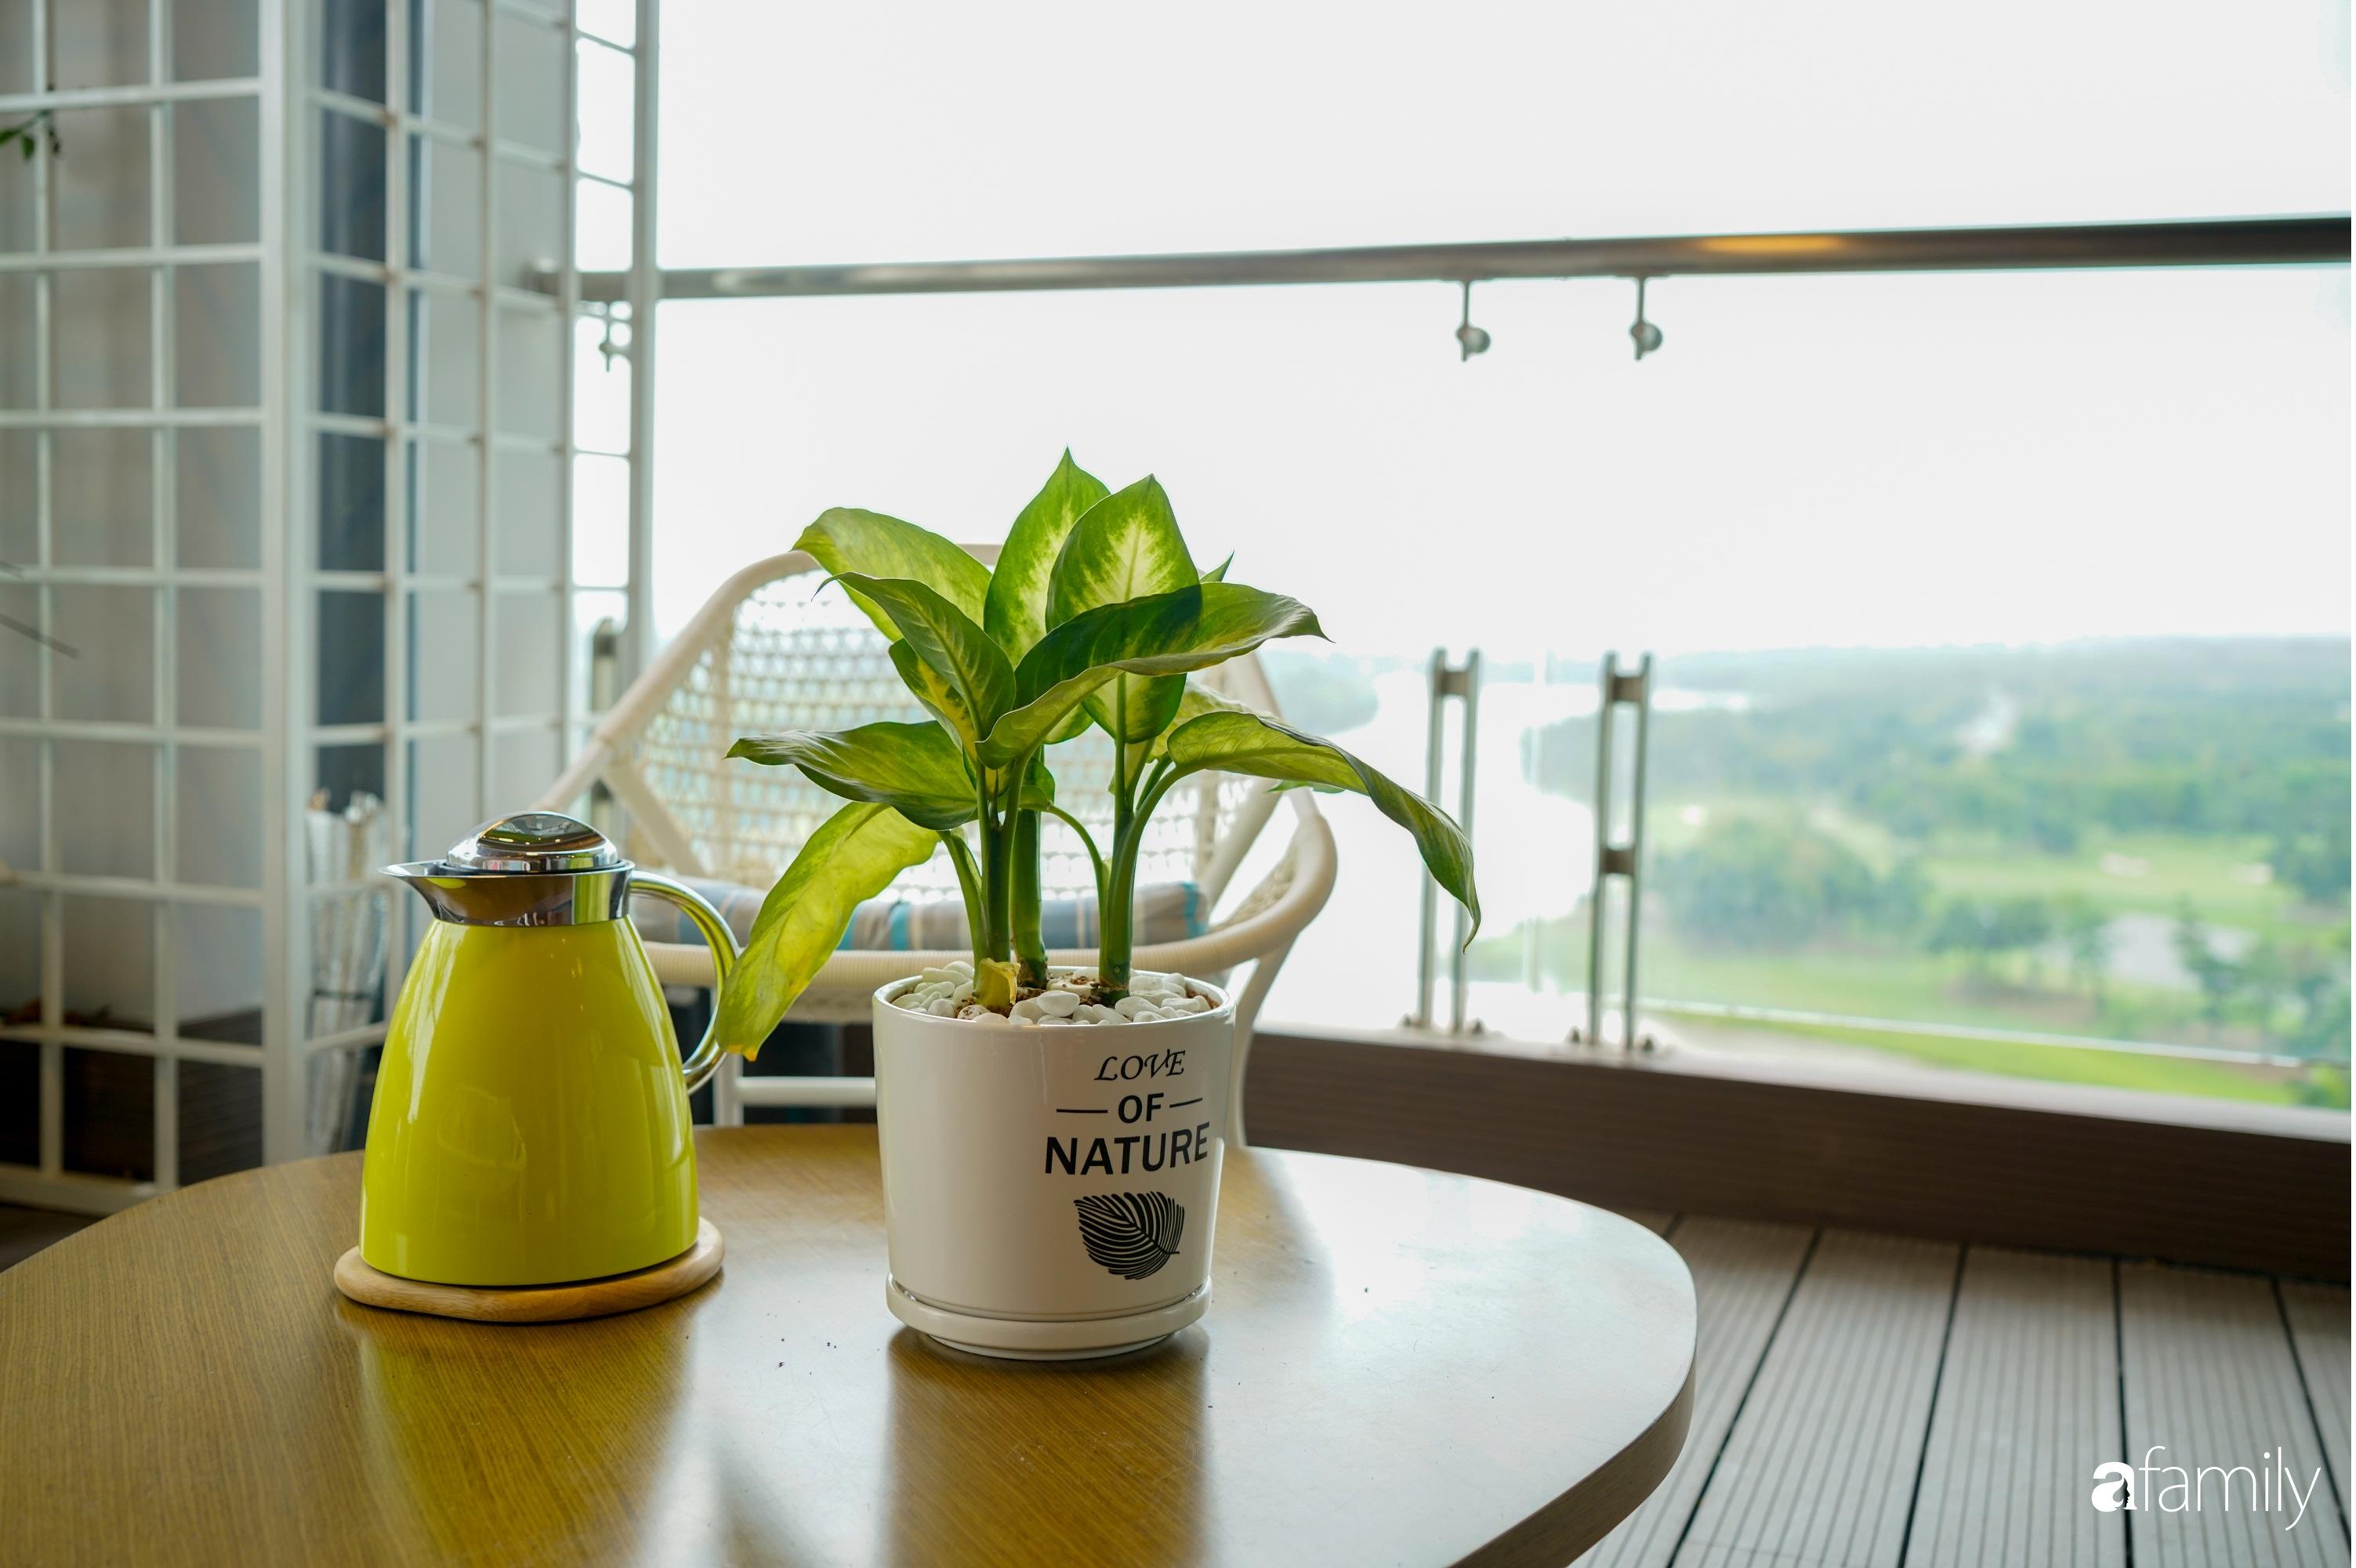 """Căn hộ 150m² có view đắt giá cùng cách thiết kế nội thất """"chanh xả"""" với chi phí khủng 850 triệu đồng ở ngoại thành Hà Nội - Ảnh 10."""